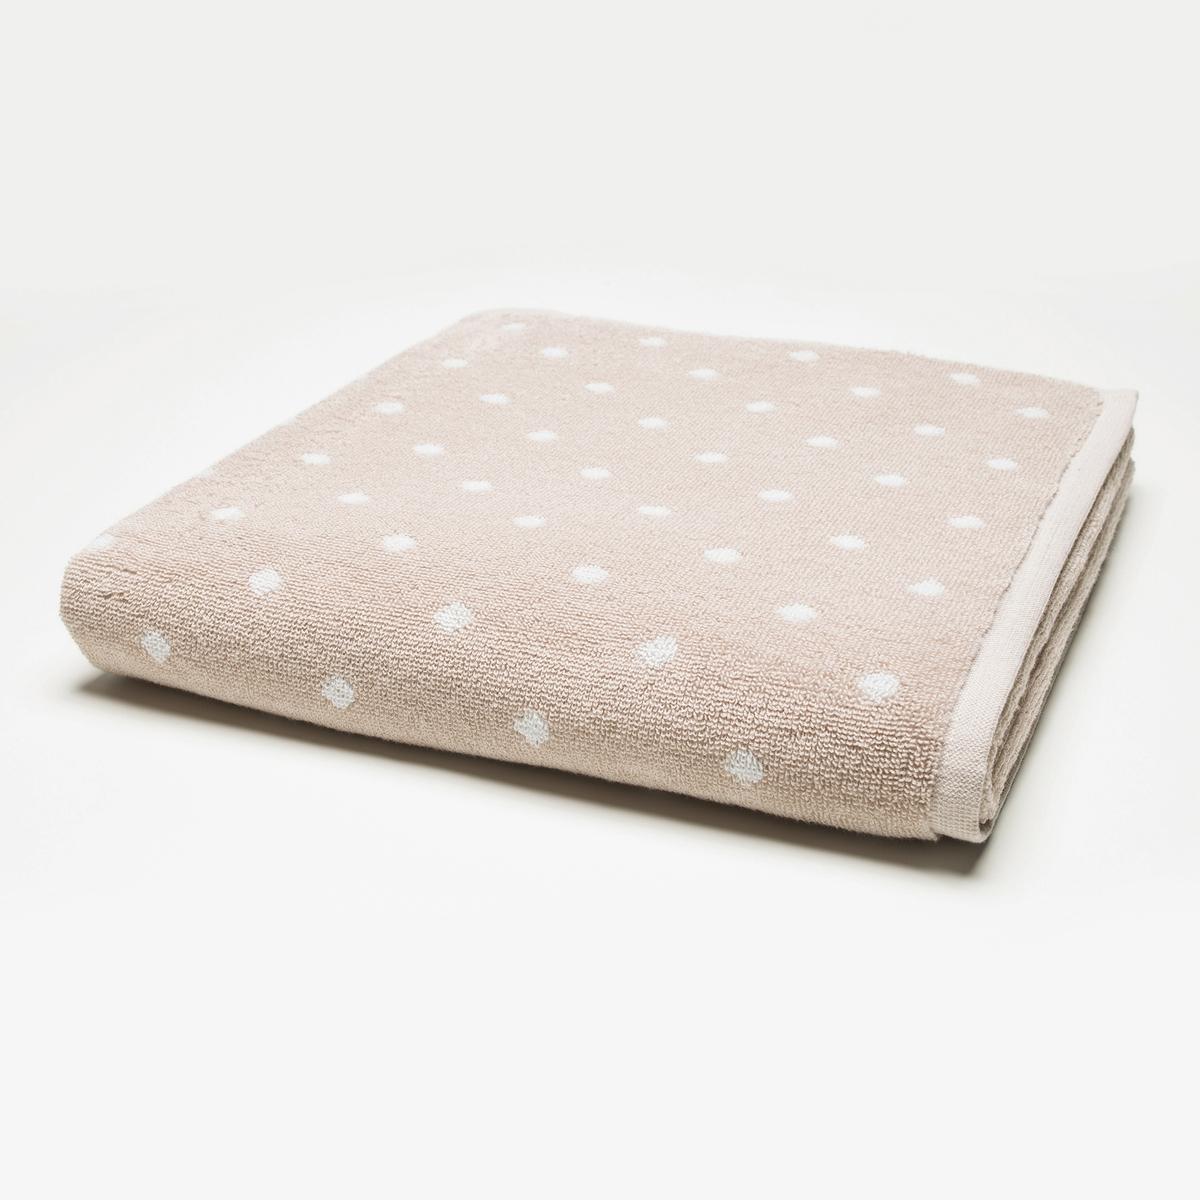 Полотенце банное Clarisse 100% хлопка . полотенца virginia secret полотенце laura набор